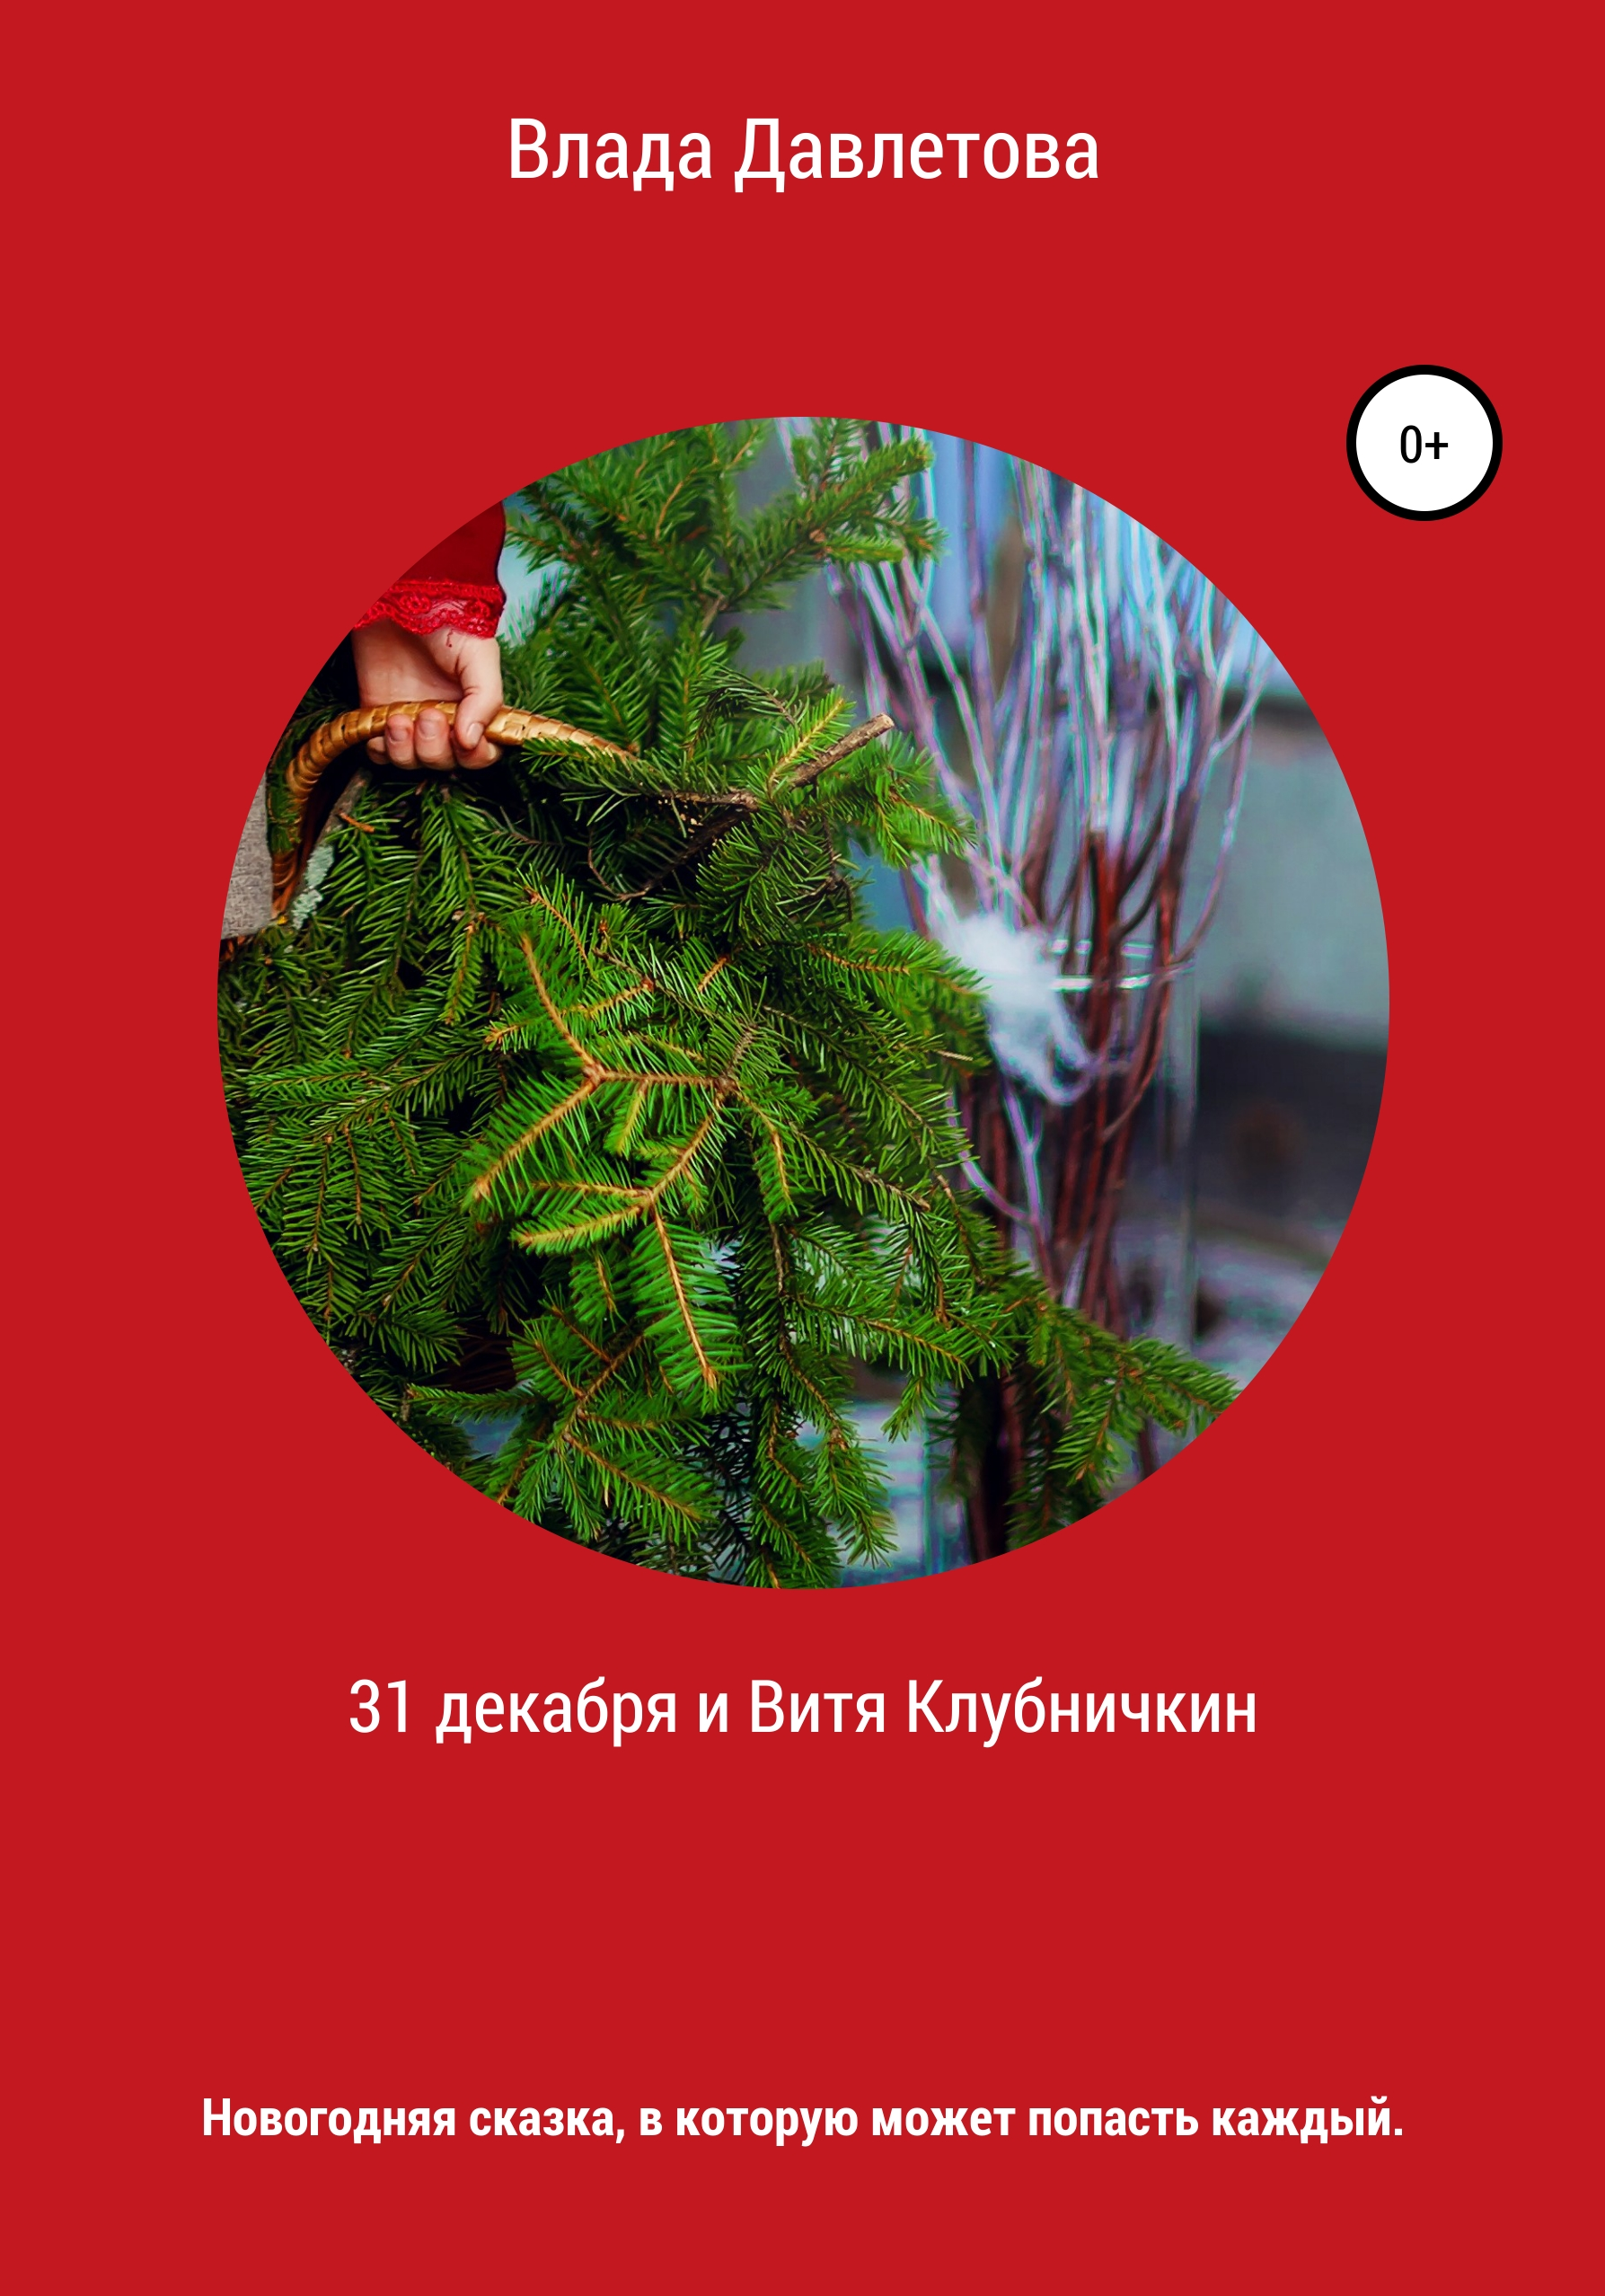 31 декабря и Витя Клубничкин